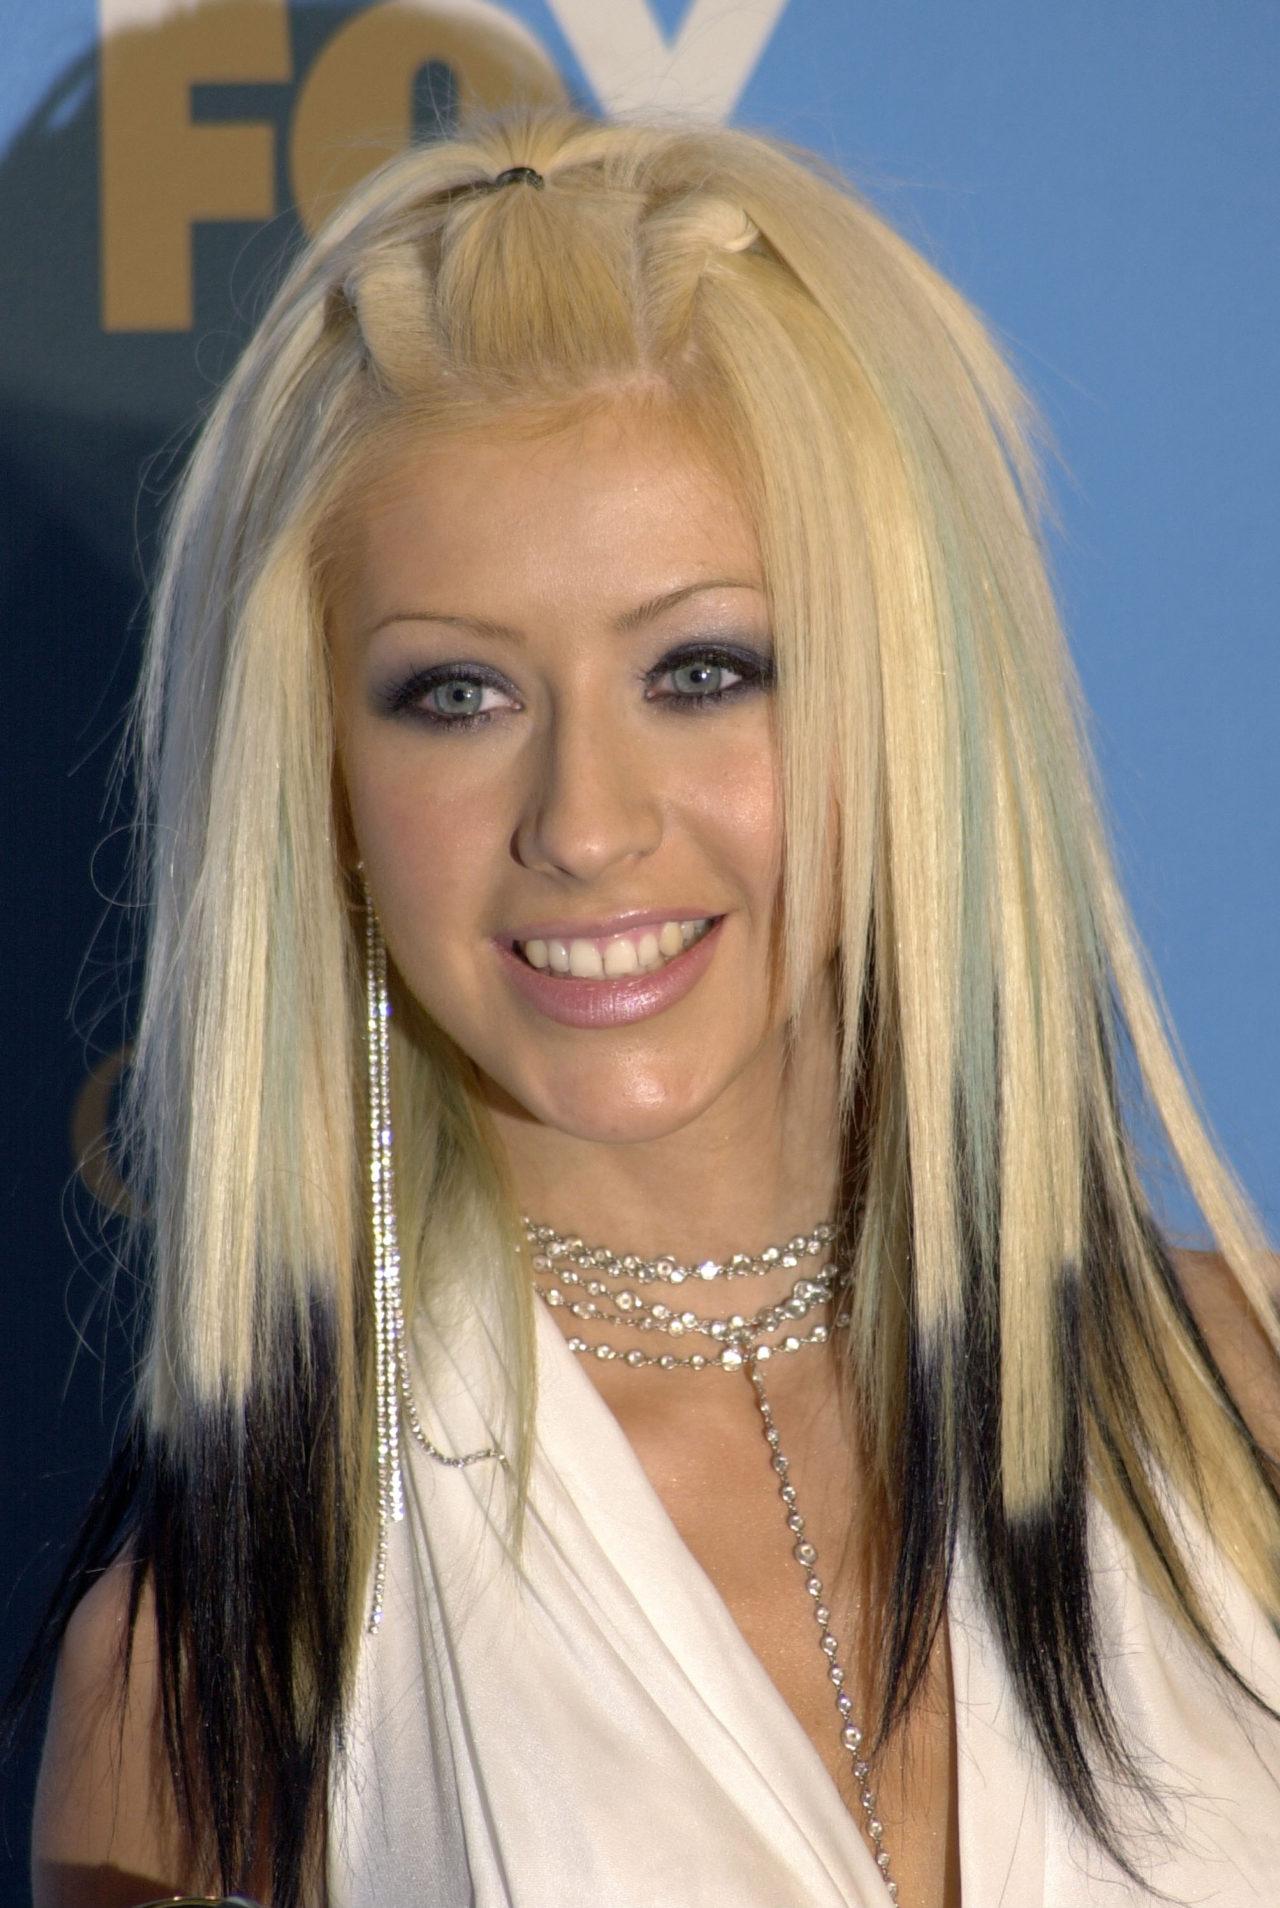 El cabello de Christina Aguilera ha existido durante mucho tiempo